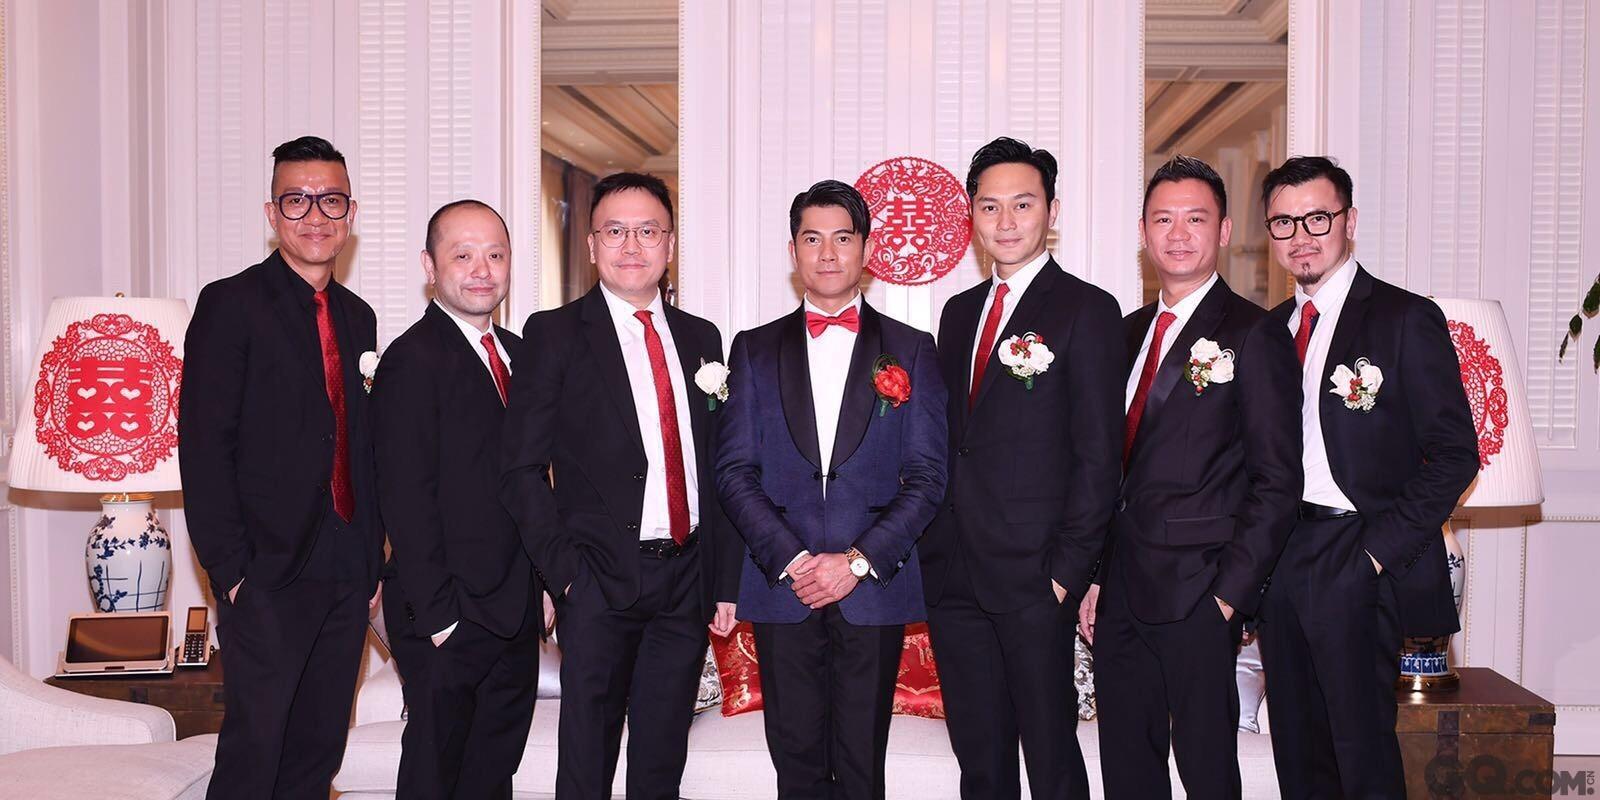 婚礼简单低调,只宴请圈中好友张智霖夫妇,邱淑贞夫妇,以及经纪人小美参加,筵开四、五席,主要为双方家人到场见证。